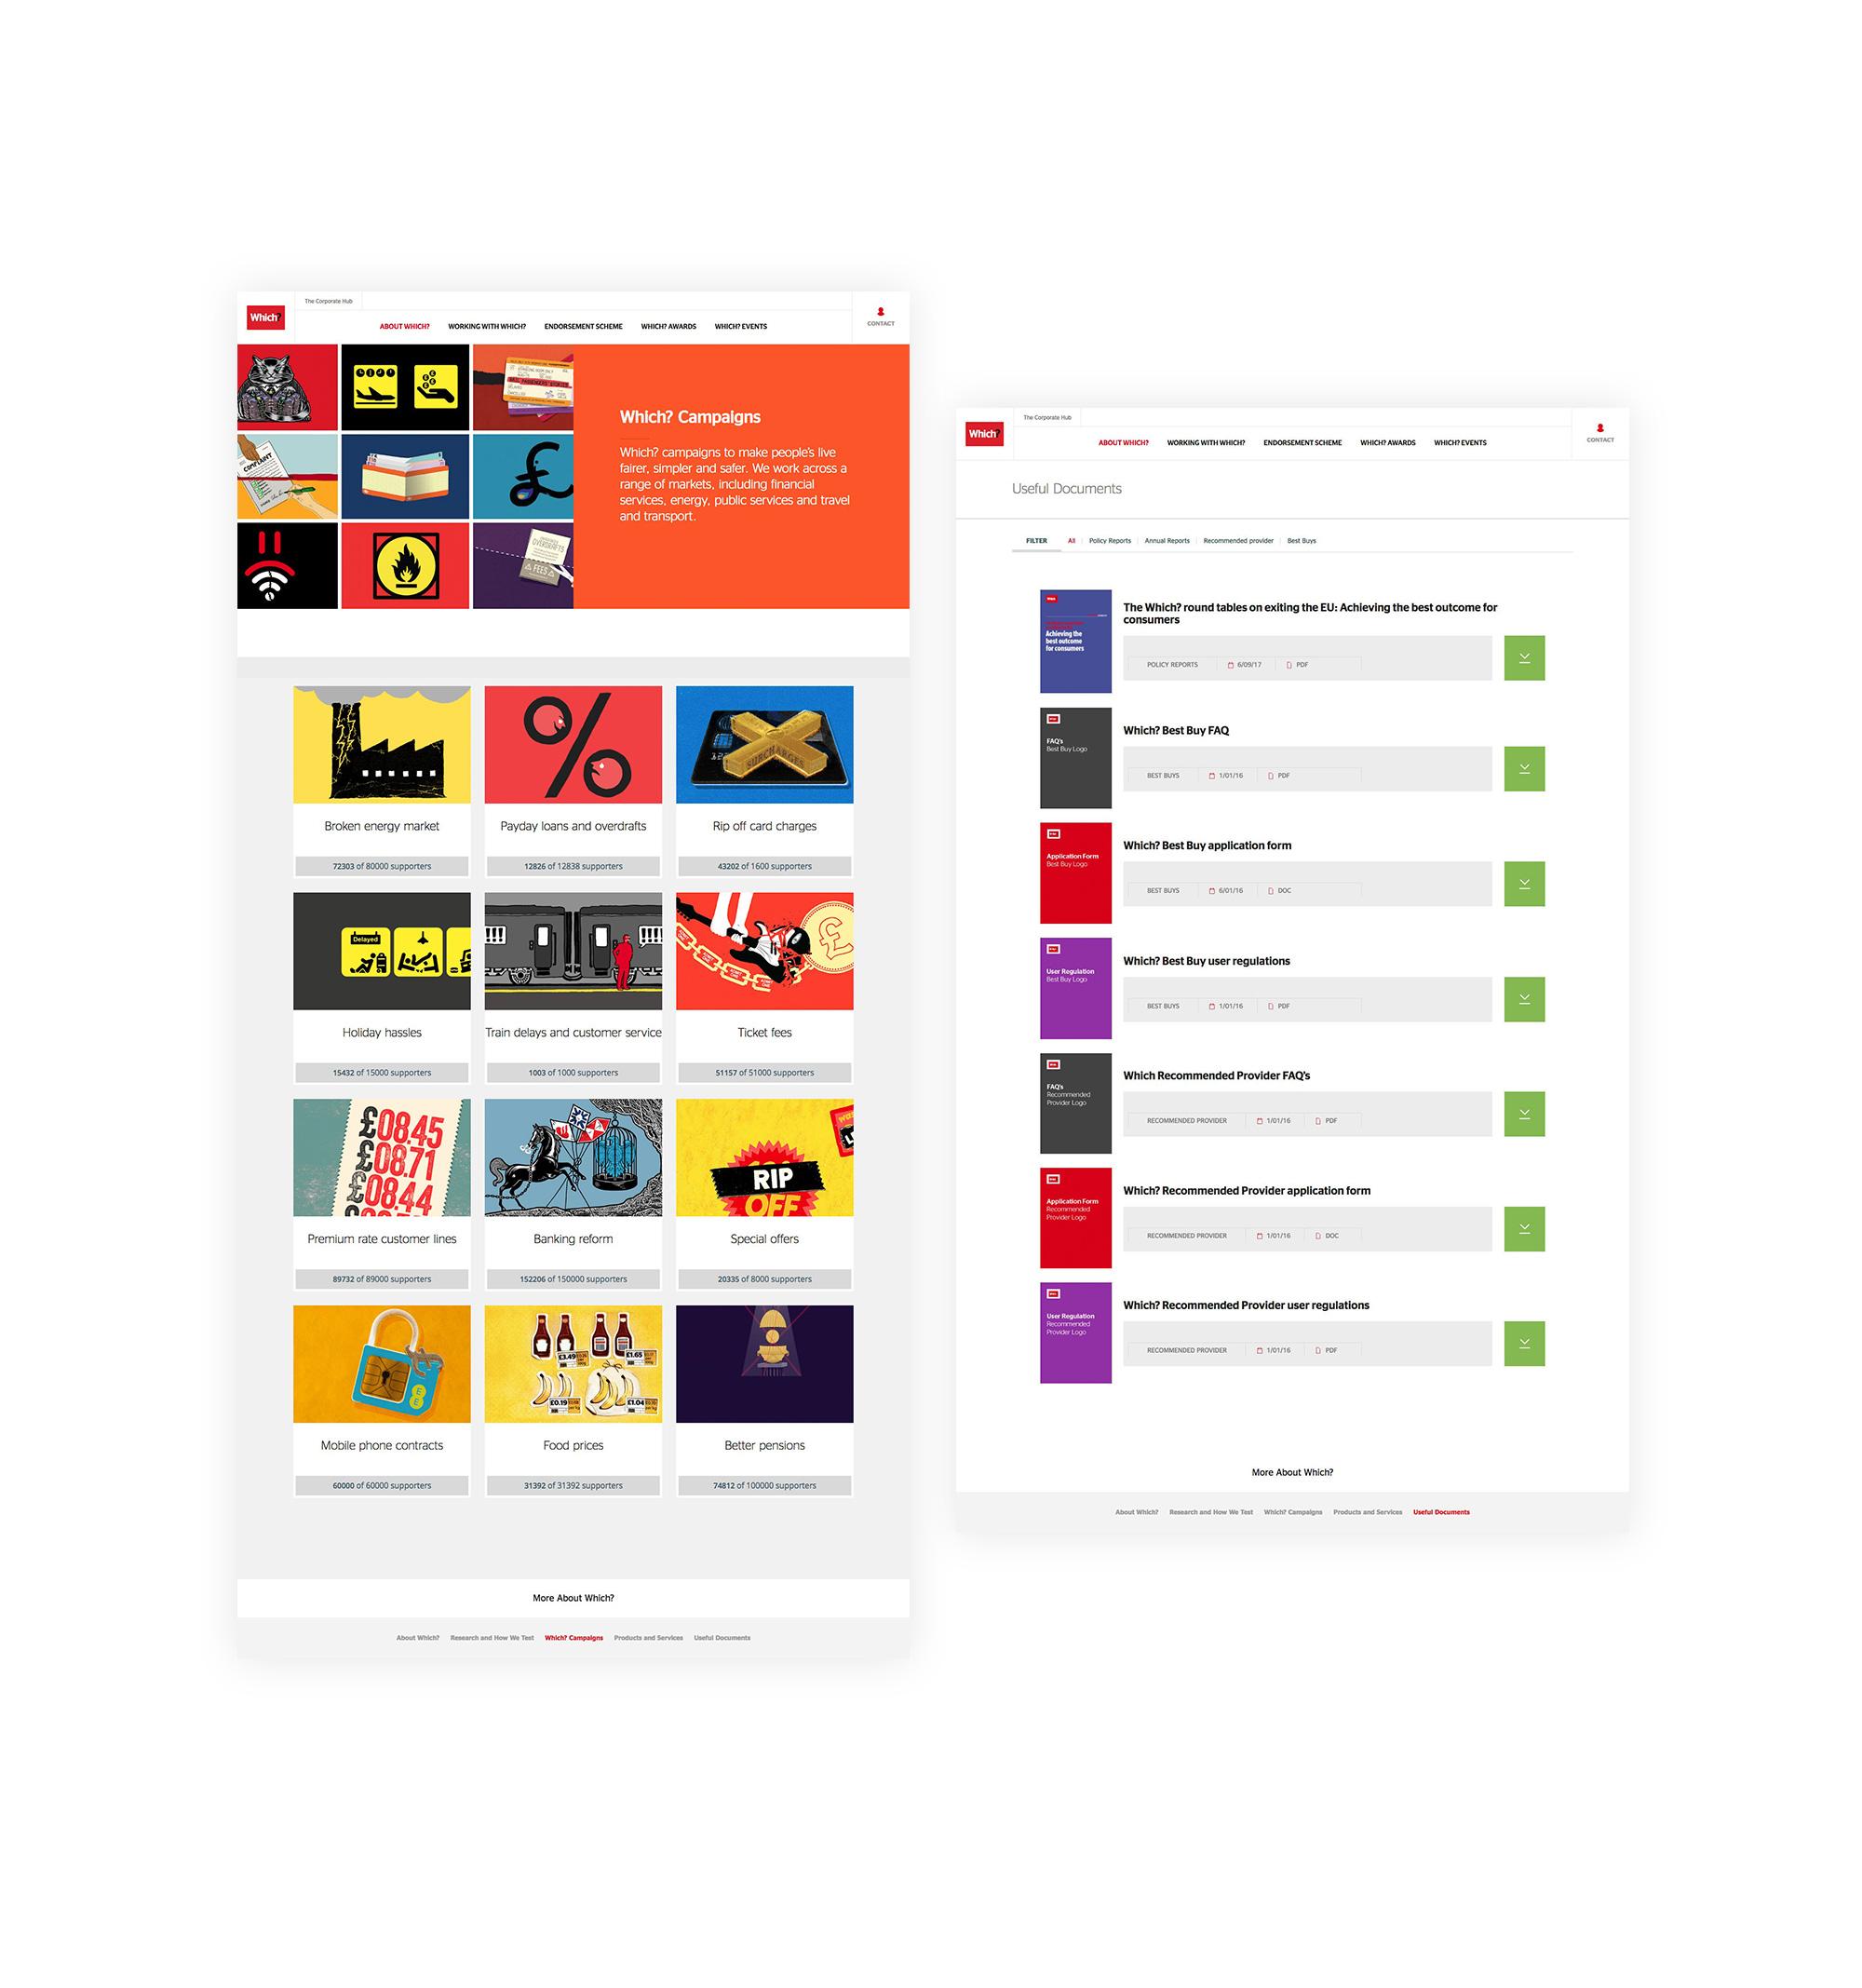 desktop website design and user interface by Bravedog